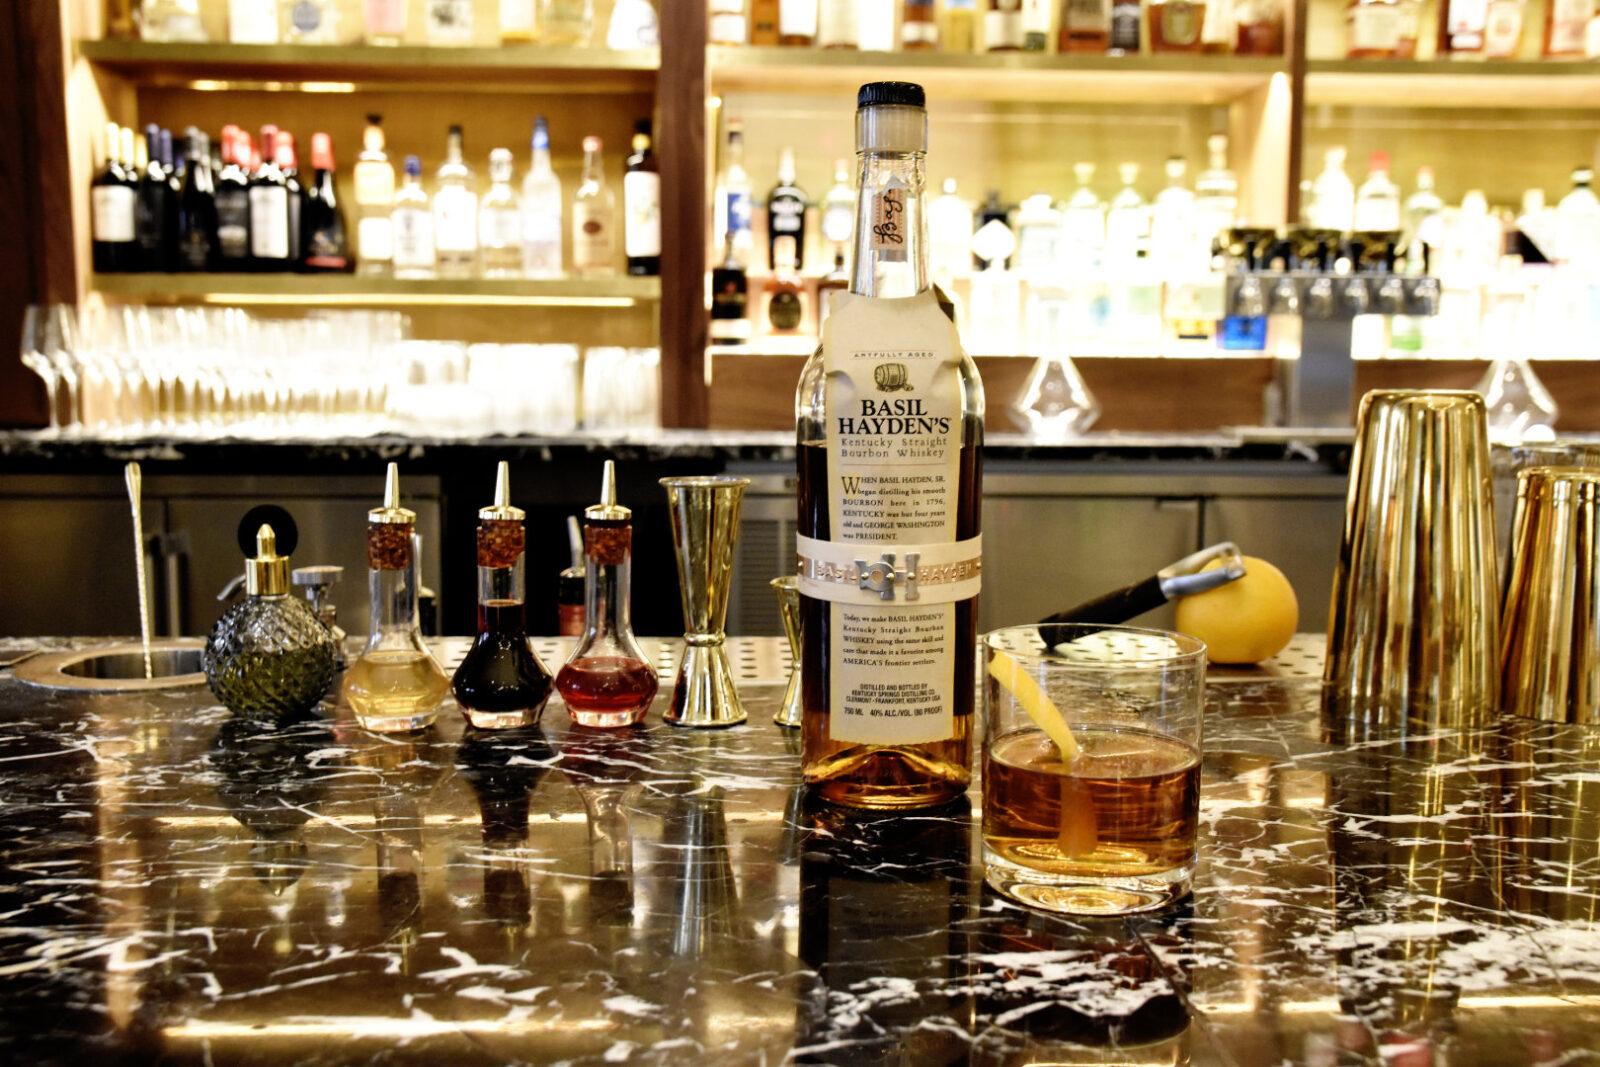 Basil Hayden's Whiskey